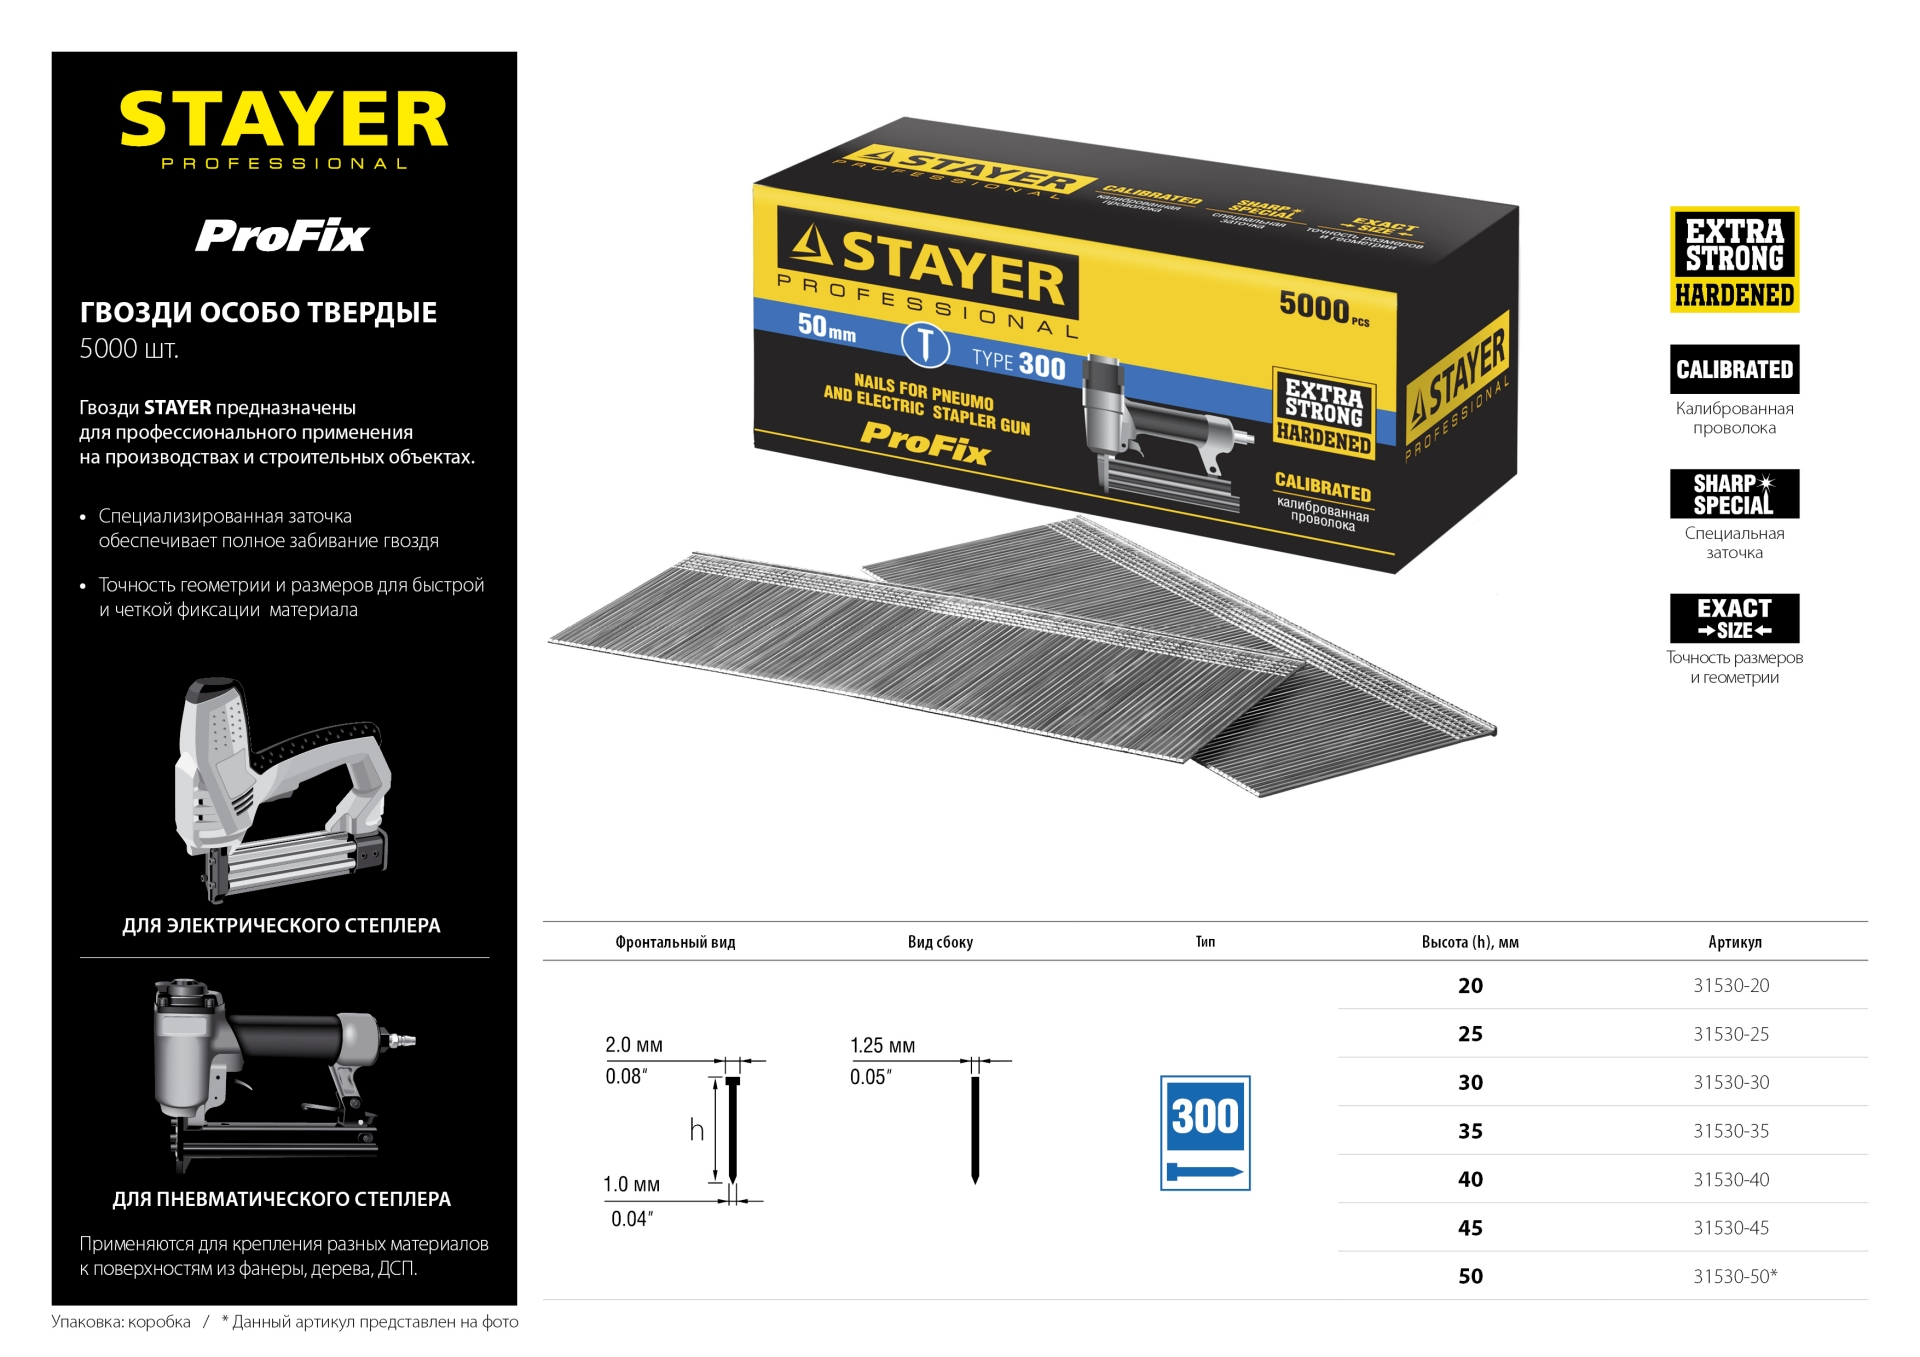 Фото STAYER 20 мм гвозди для нейлера тип 300, 5000 шт {31530-20} (1)